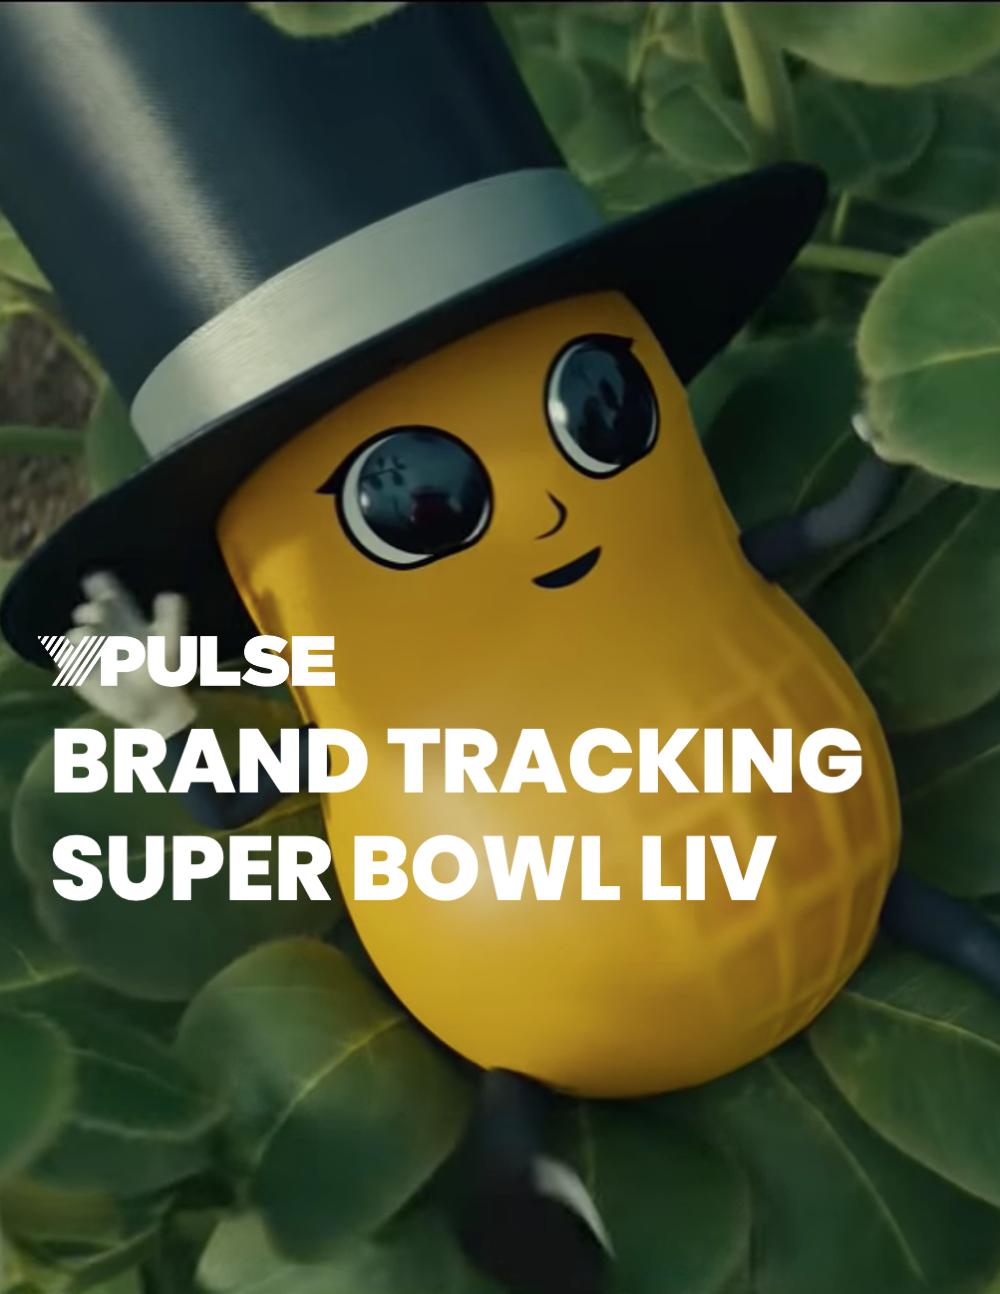 Brand Tracking Super Bowl LIV